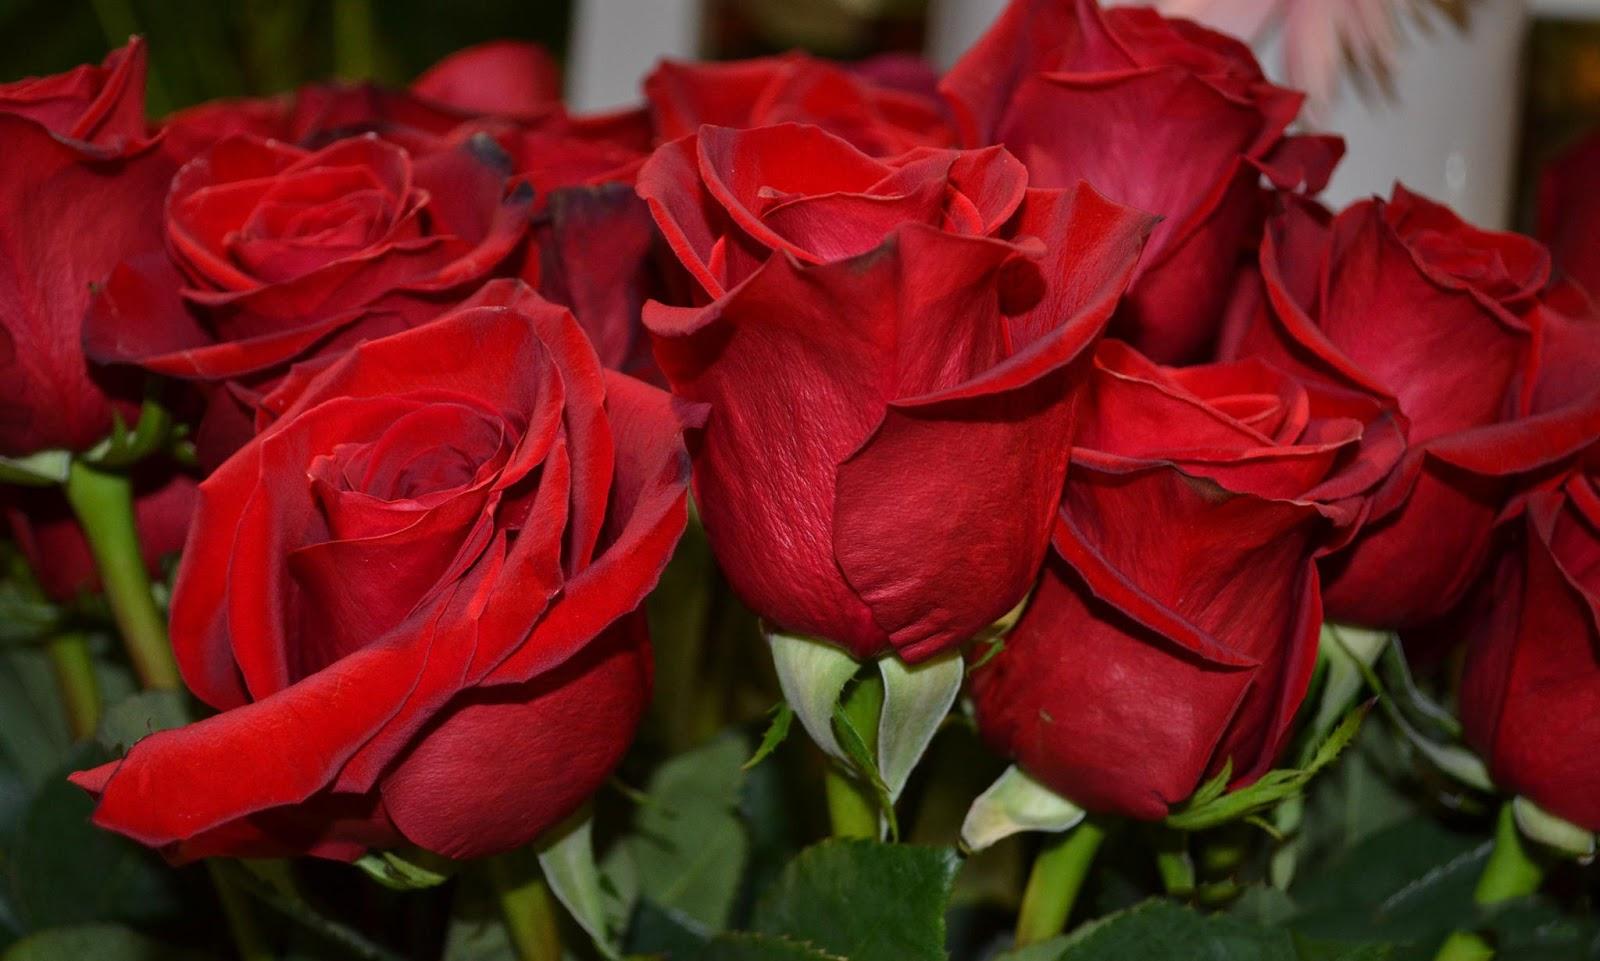 Pin by matilde komjetan on flores saludos mensajes y - Gama de colores rosas ...